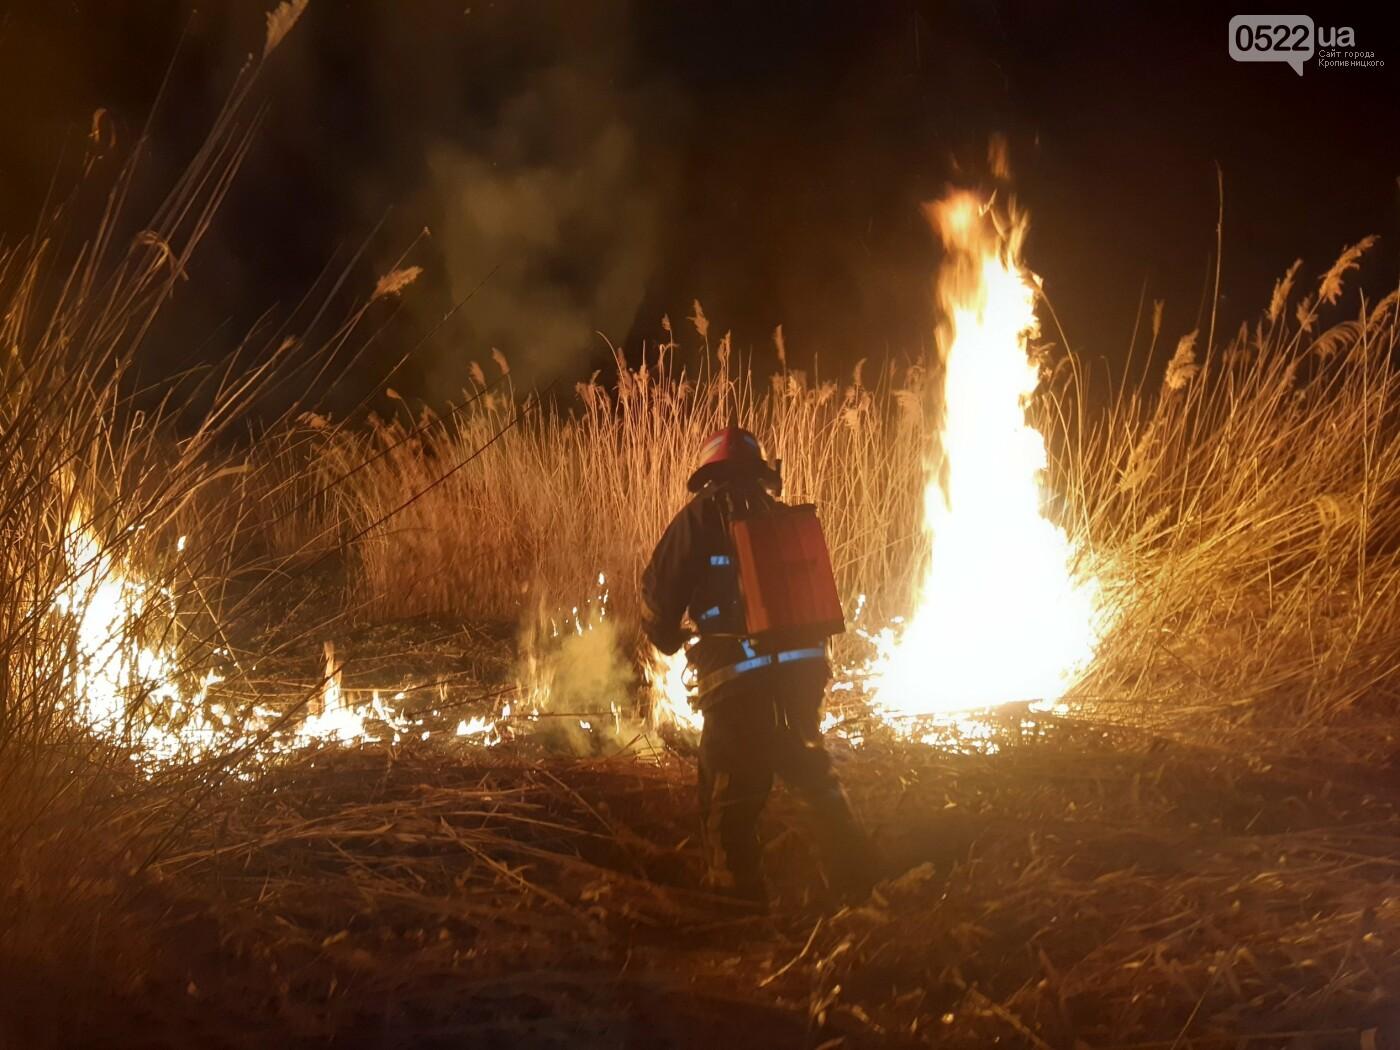 Рятувальників 10 разів викликали ліквідувати пожежу сухої трави у полях області, фото-1